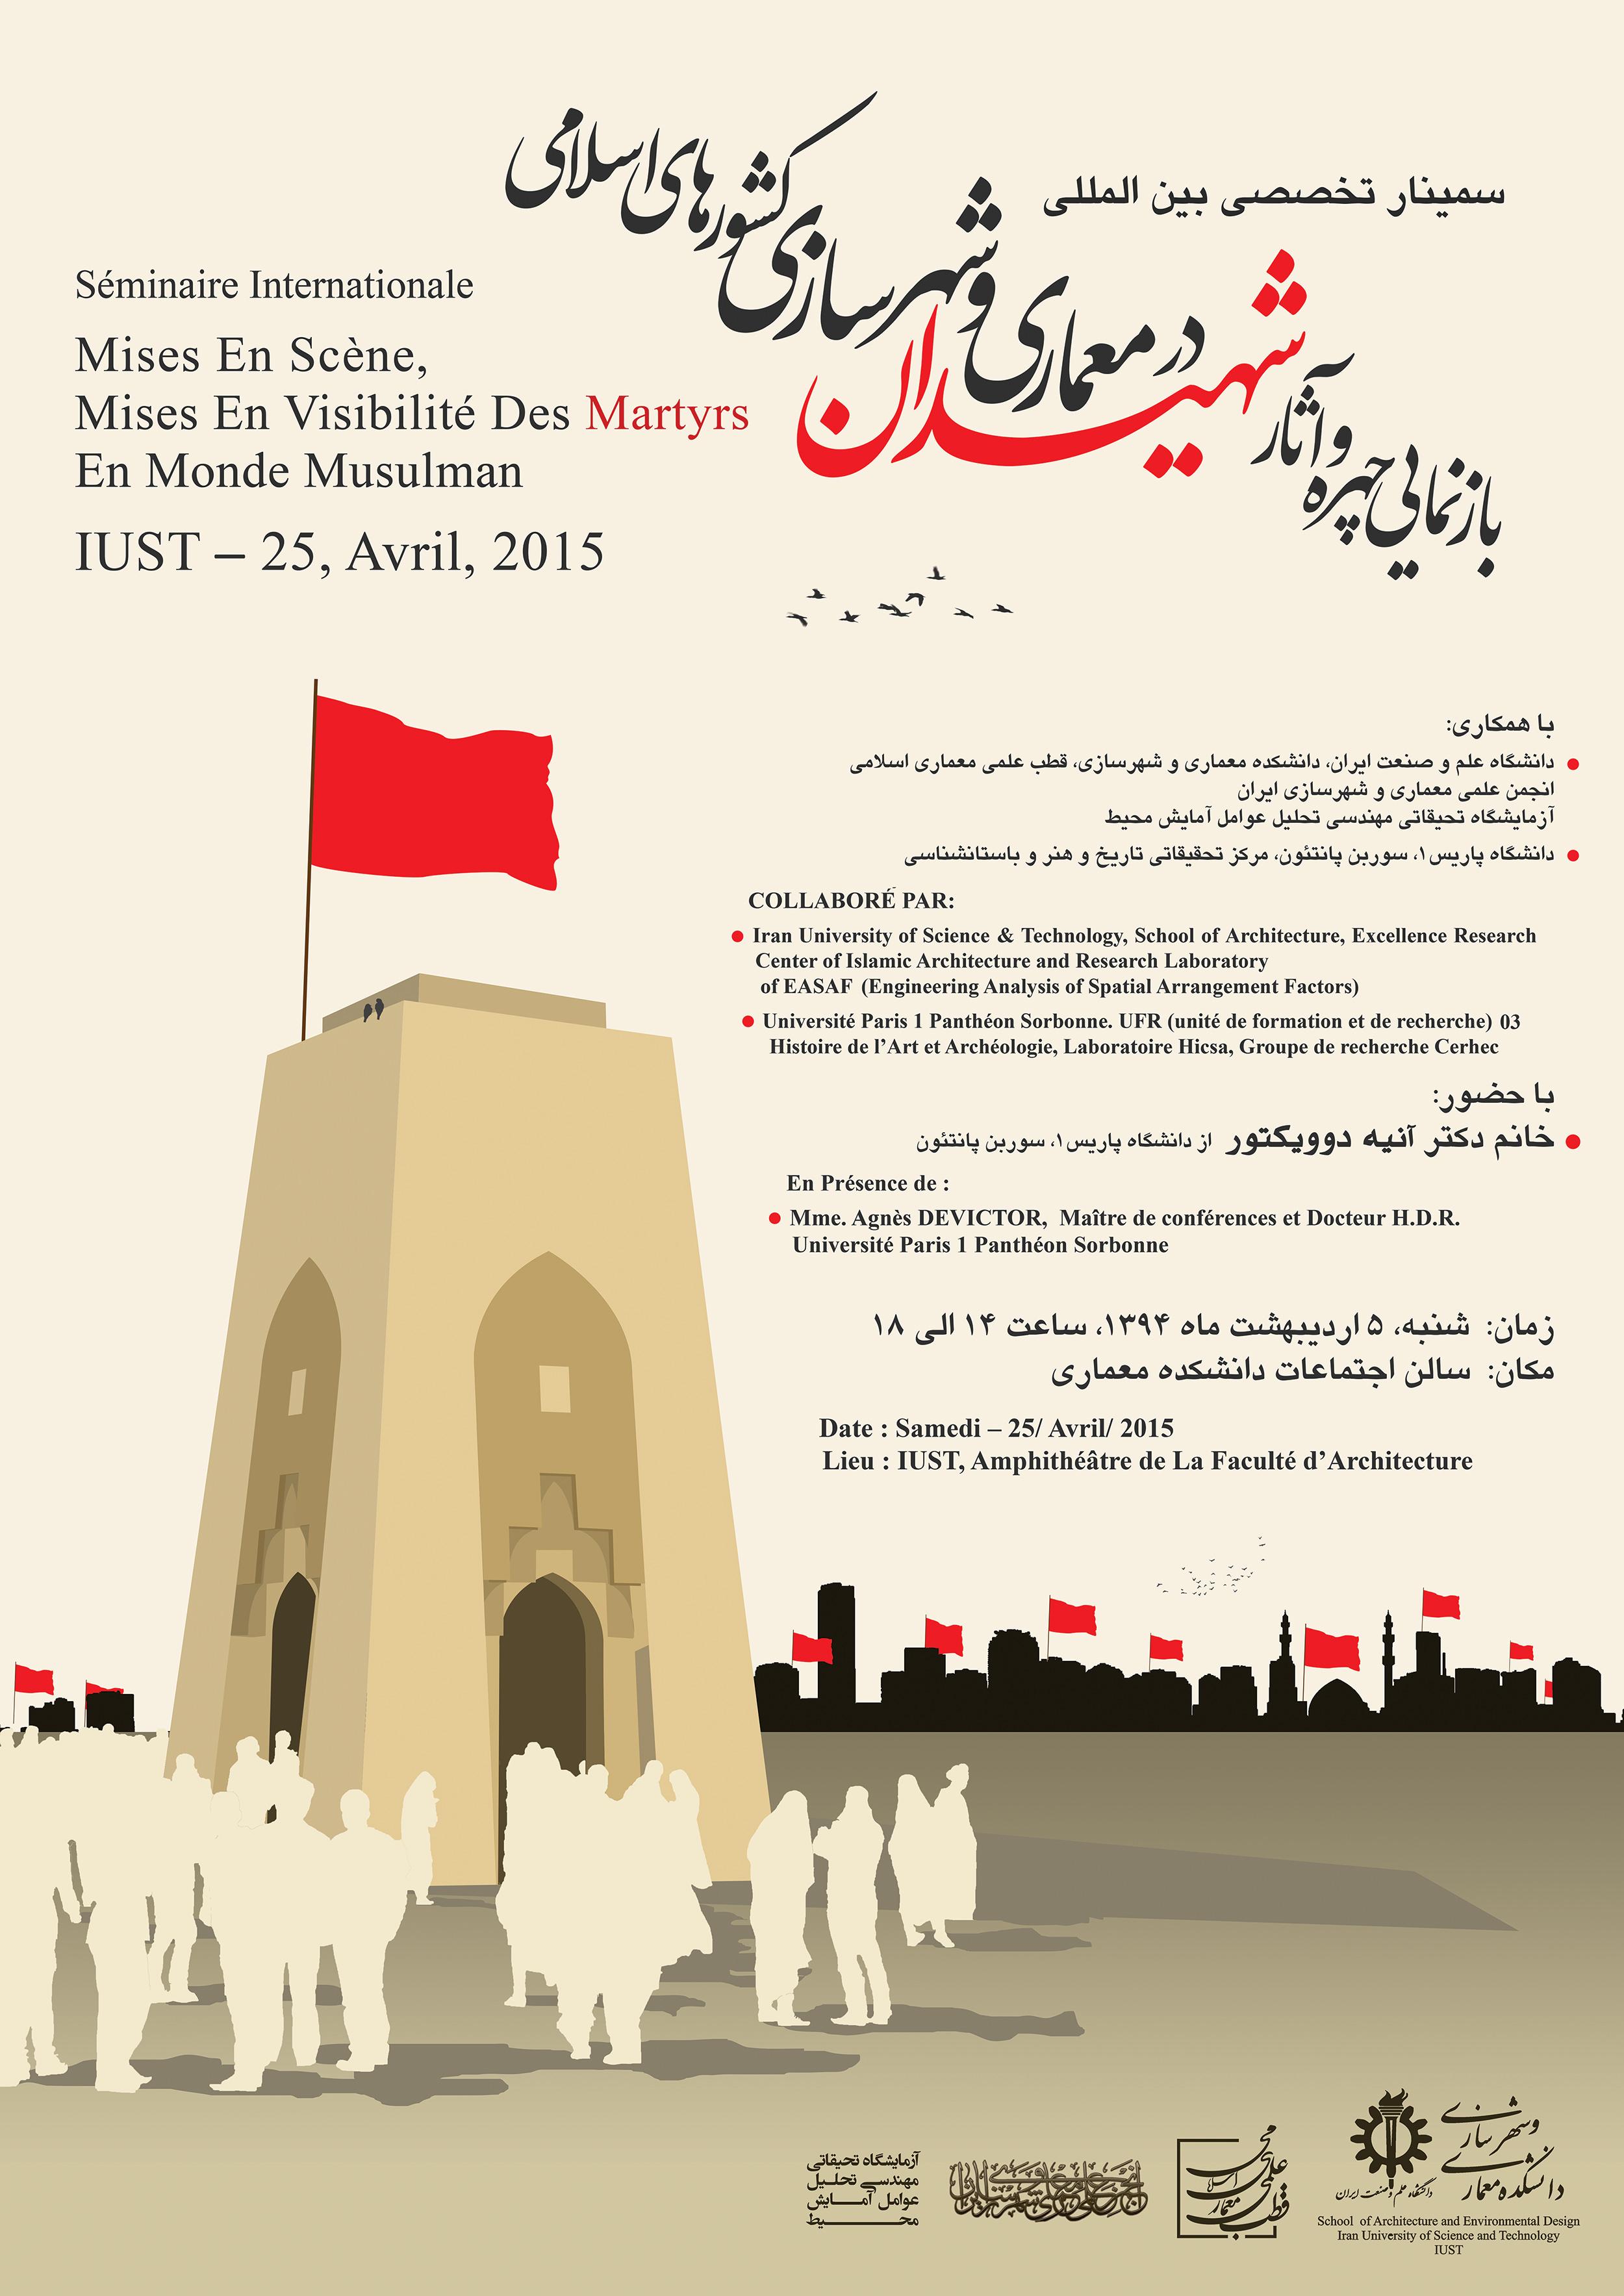 سمینار تخصصی بین المللی بازنمایی چهره و آثار شهیدان در معماری و شهرسازی کشورهای اسلامی